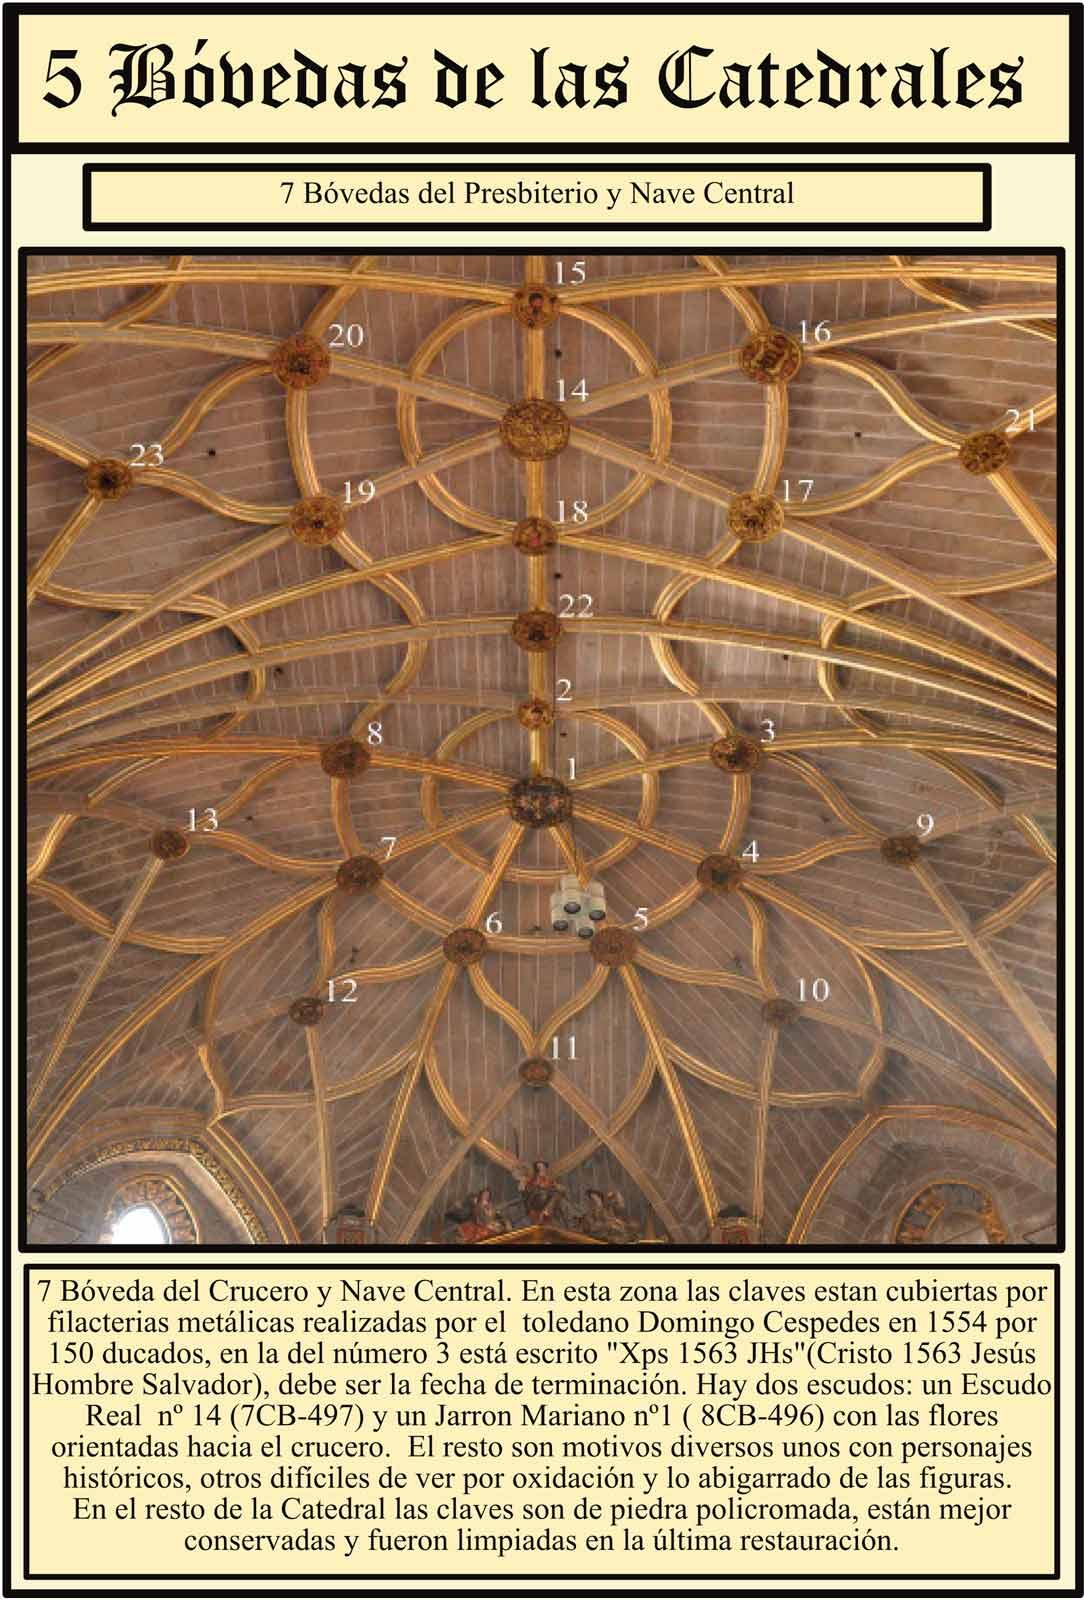 Filacterias metalicas en el presbiterio